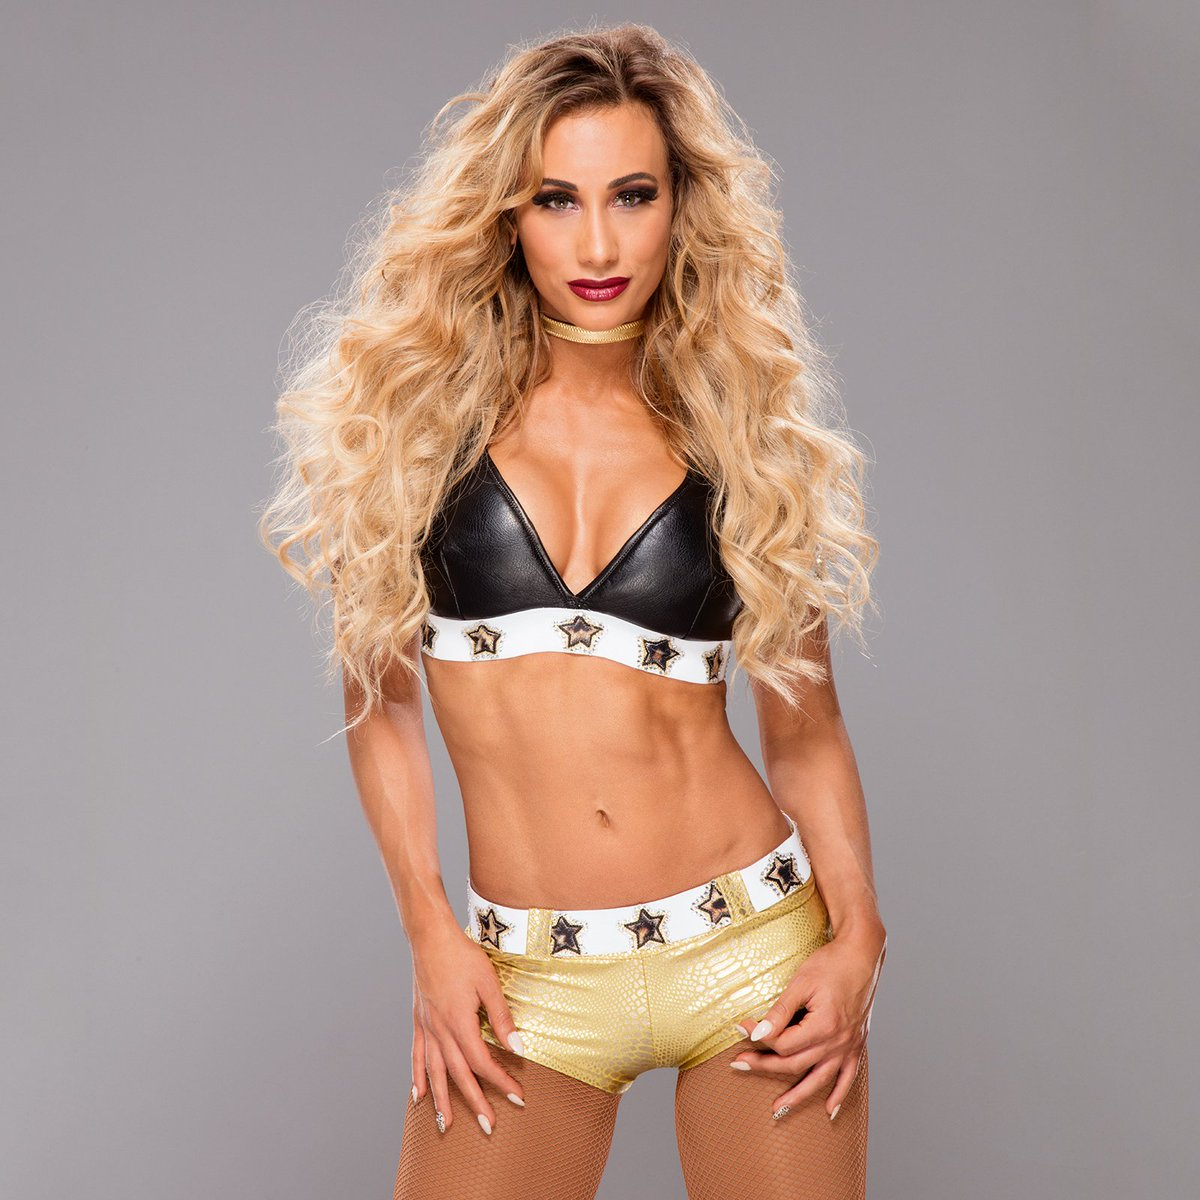 Carmella hot lingerie pics